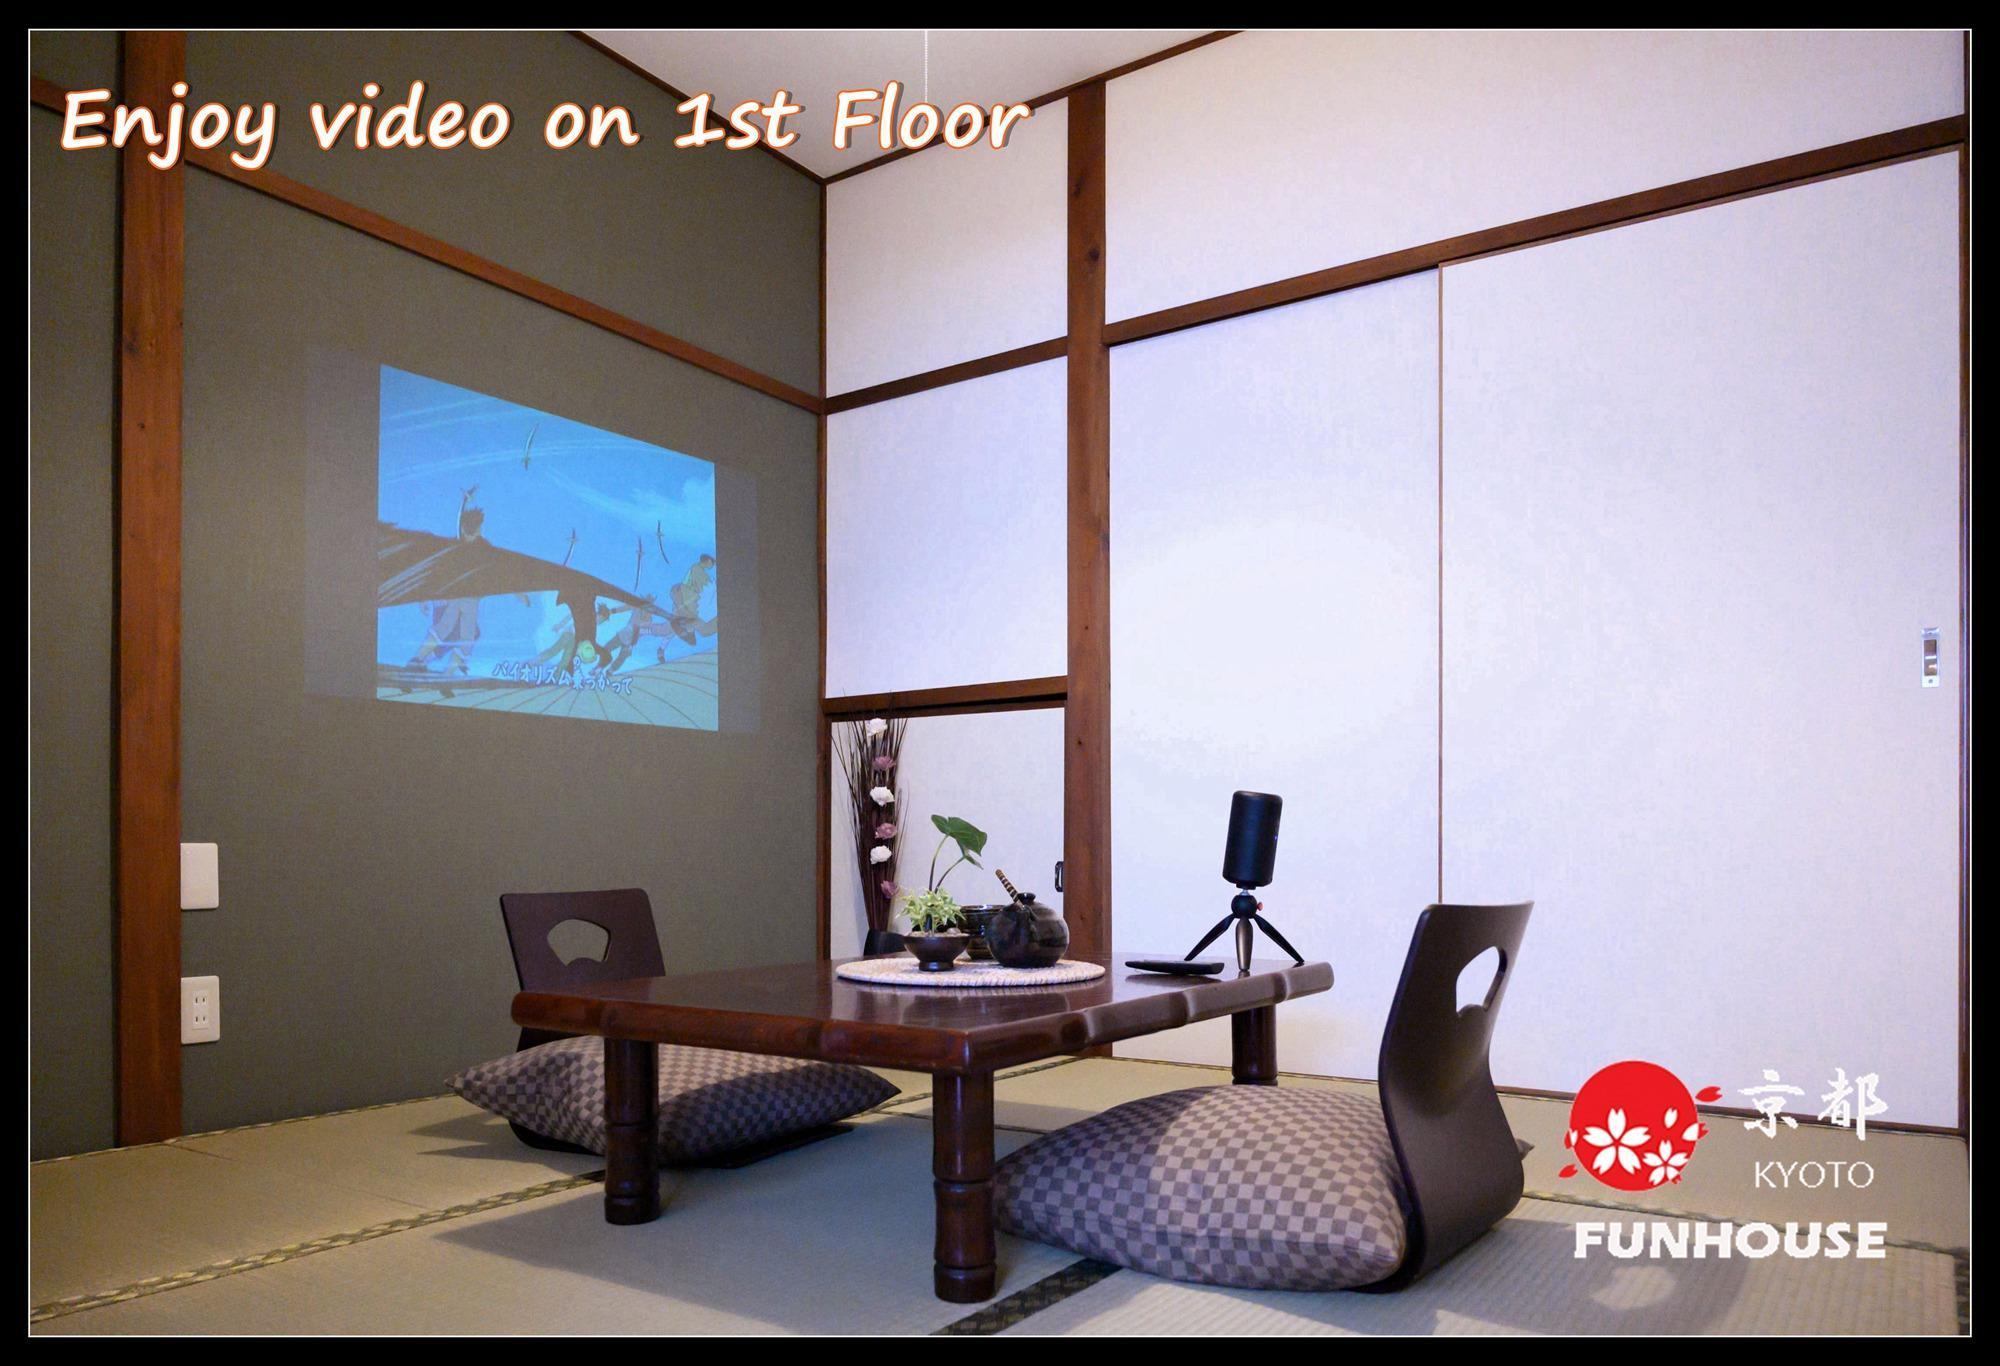 NEW OPEN FUNHOUSE KAORI PRIVATE HOUSE